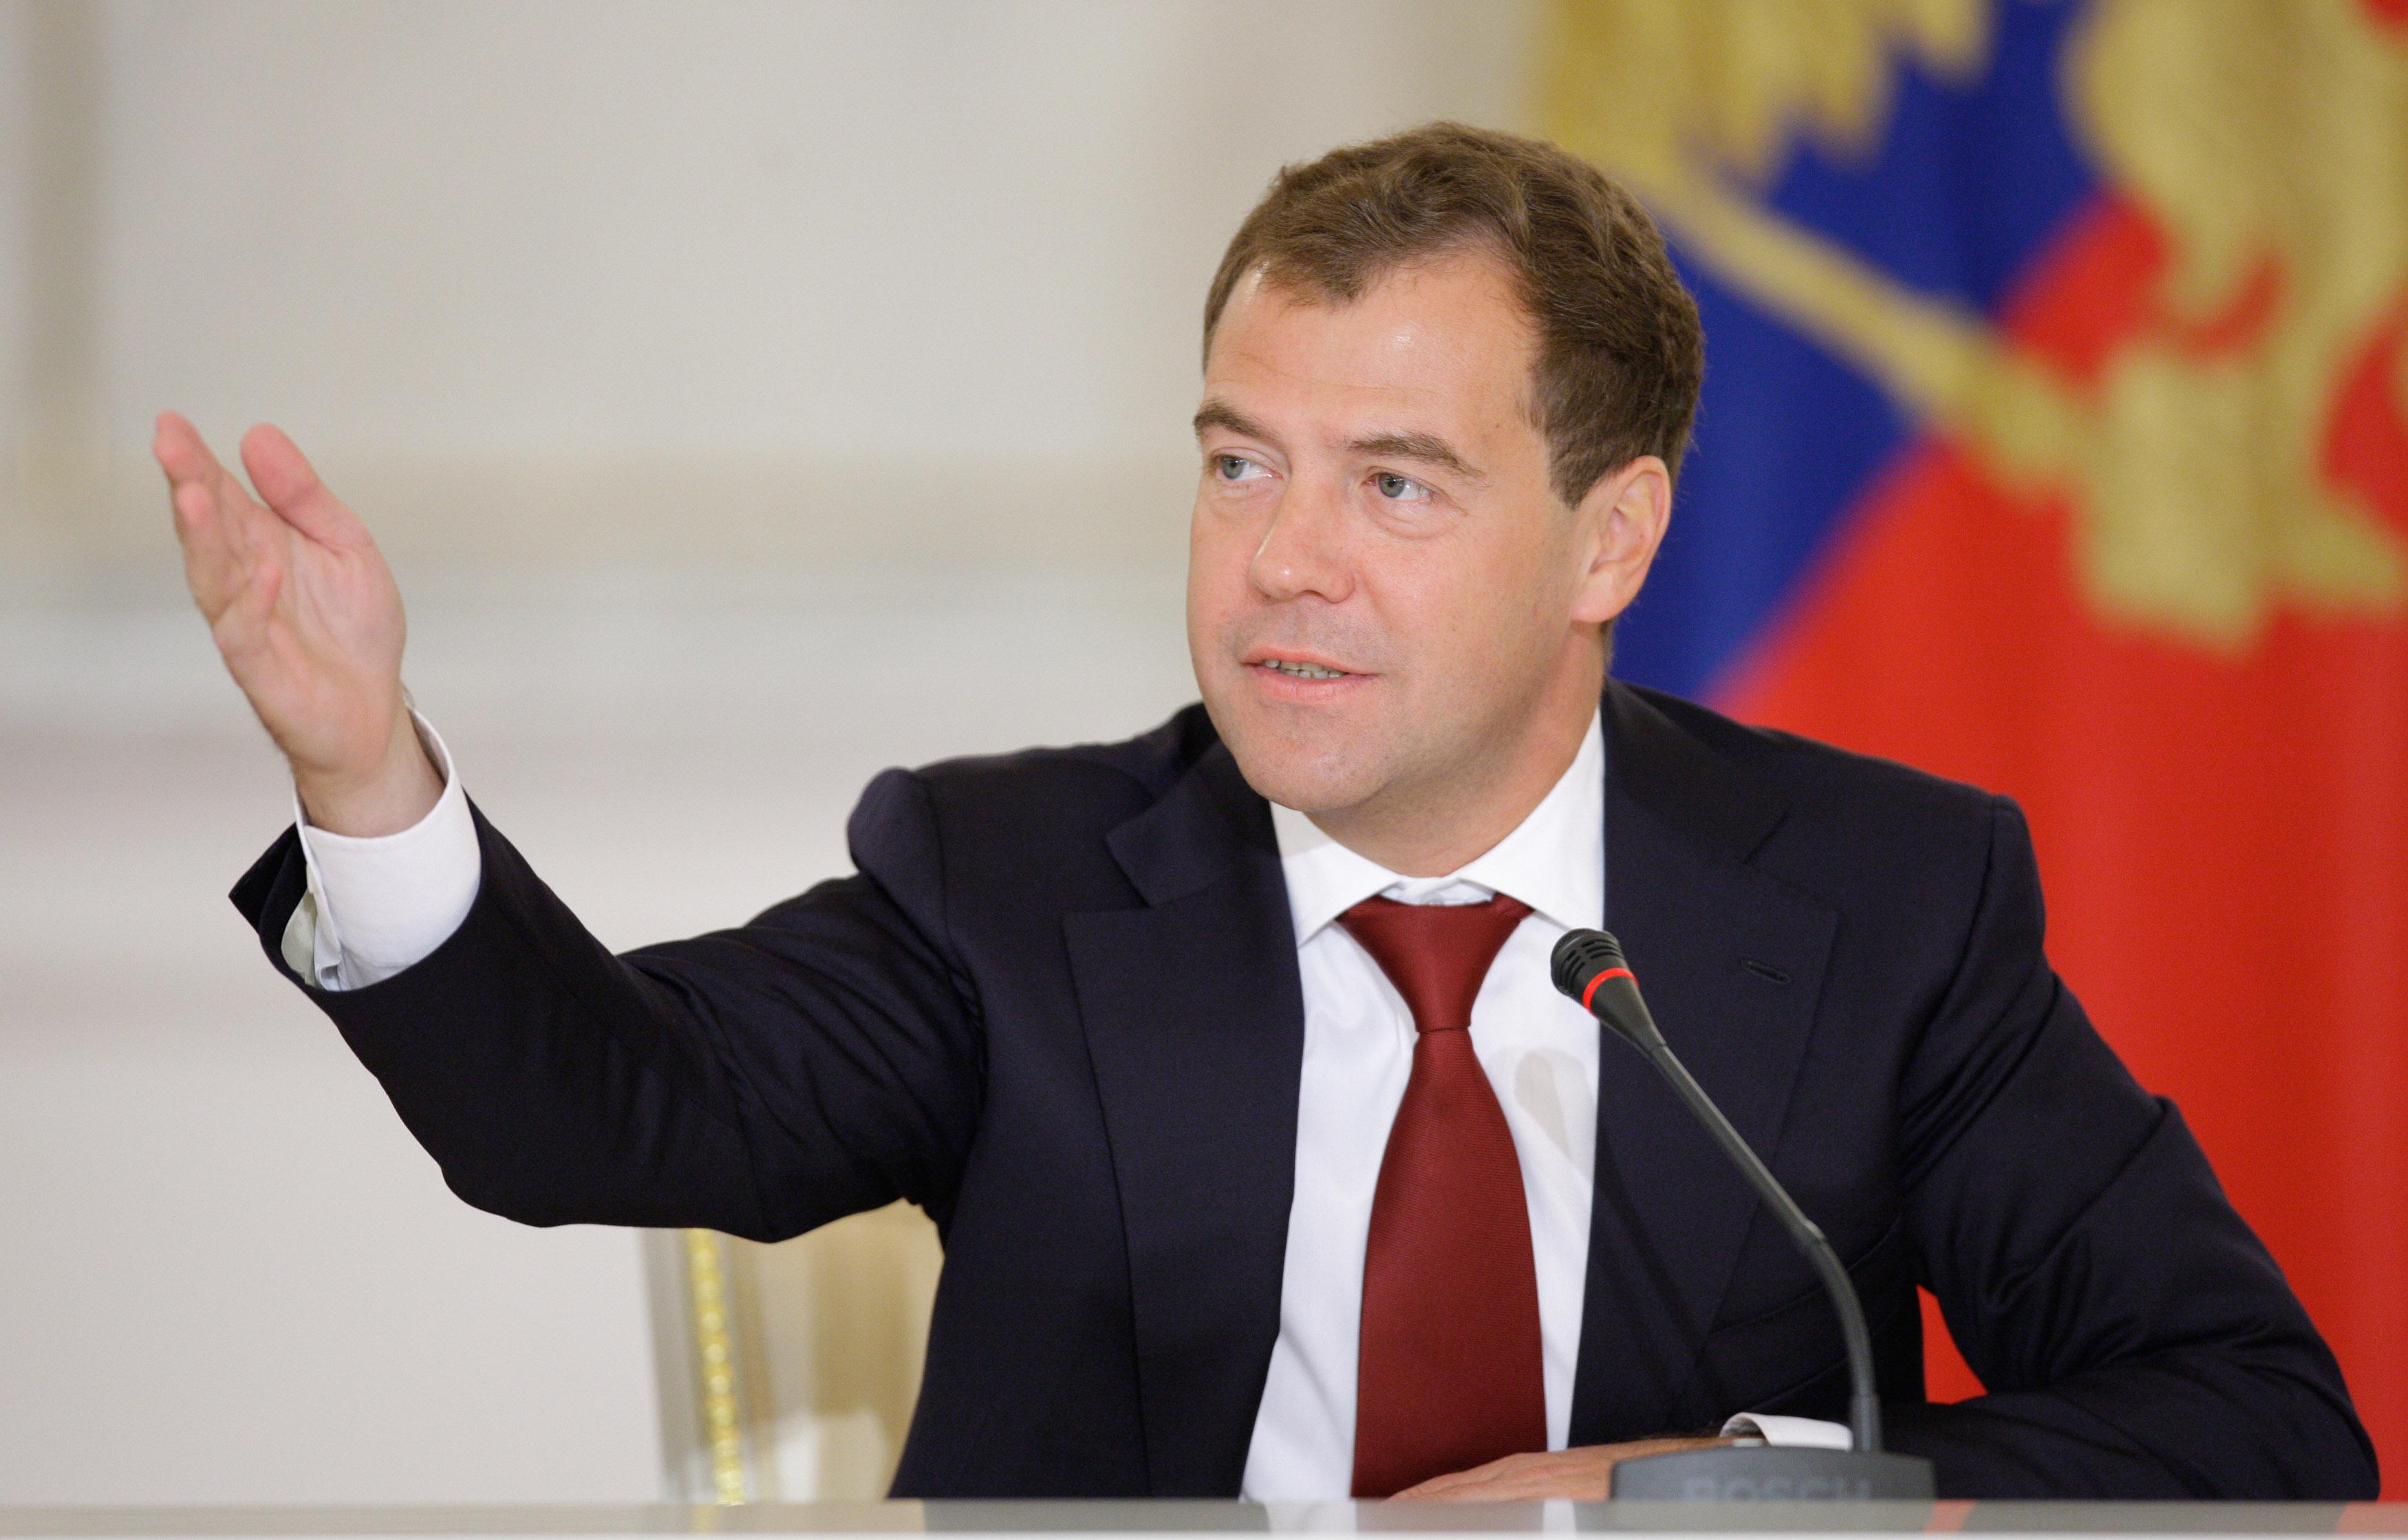 Медведев рассказал о планах к 2024 году довести укомплектованность врачами до 95%